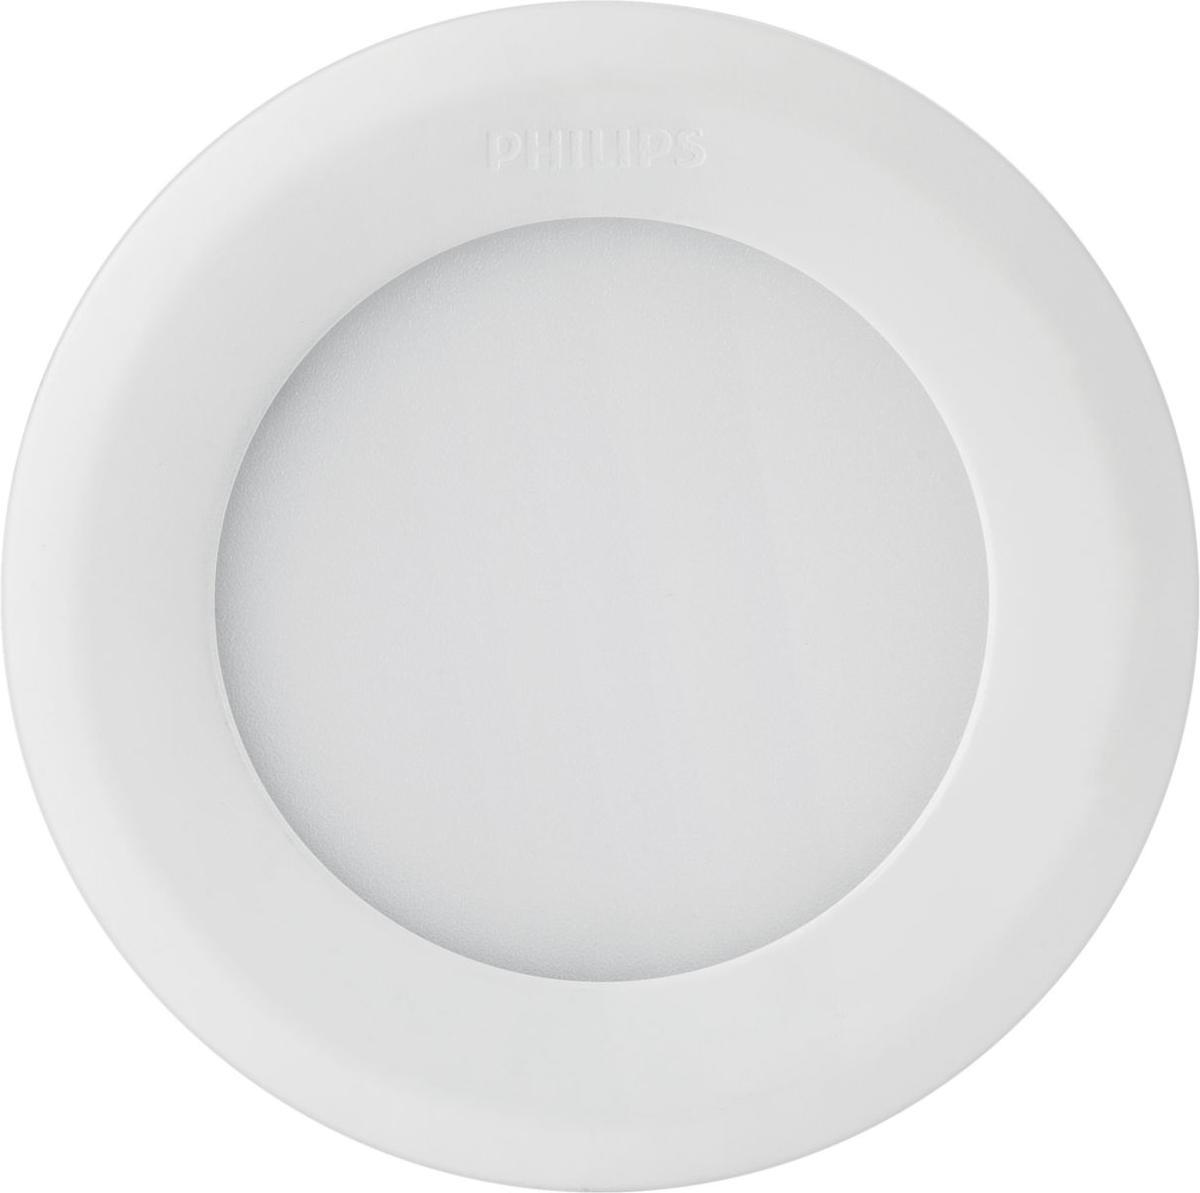 Philips LED deckenbeleuchtung Leuchte 9W Marcasite Warmweiß 59521/31/P1